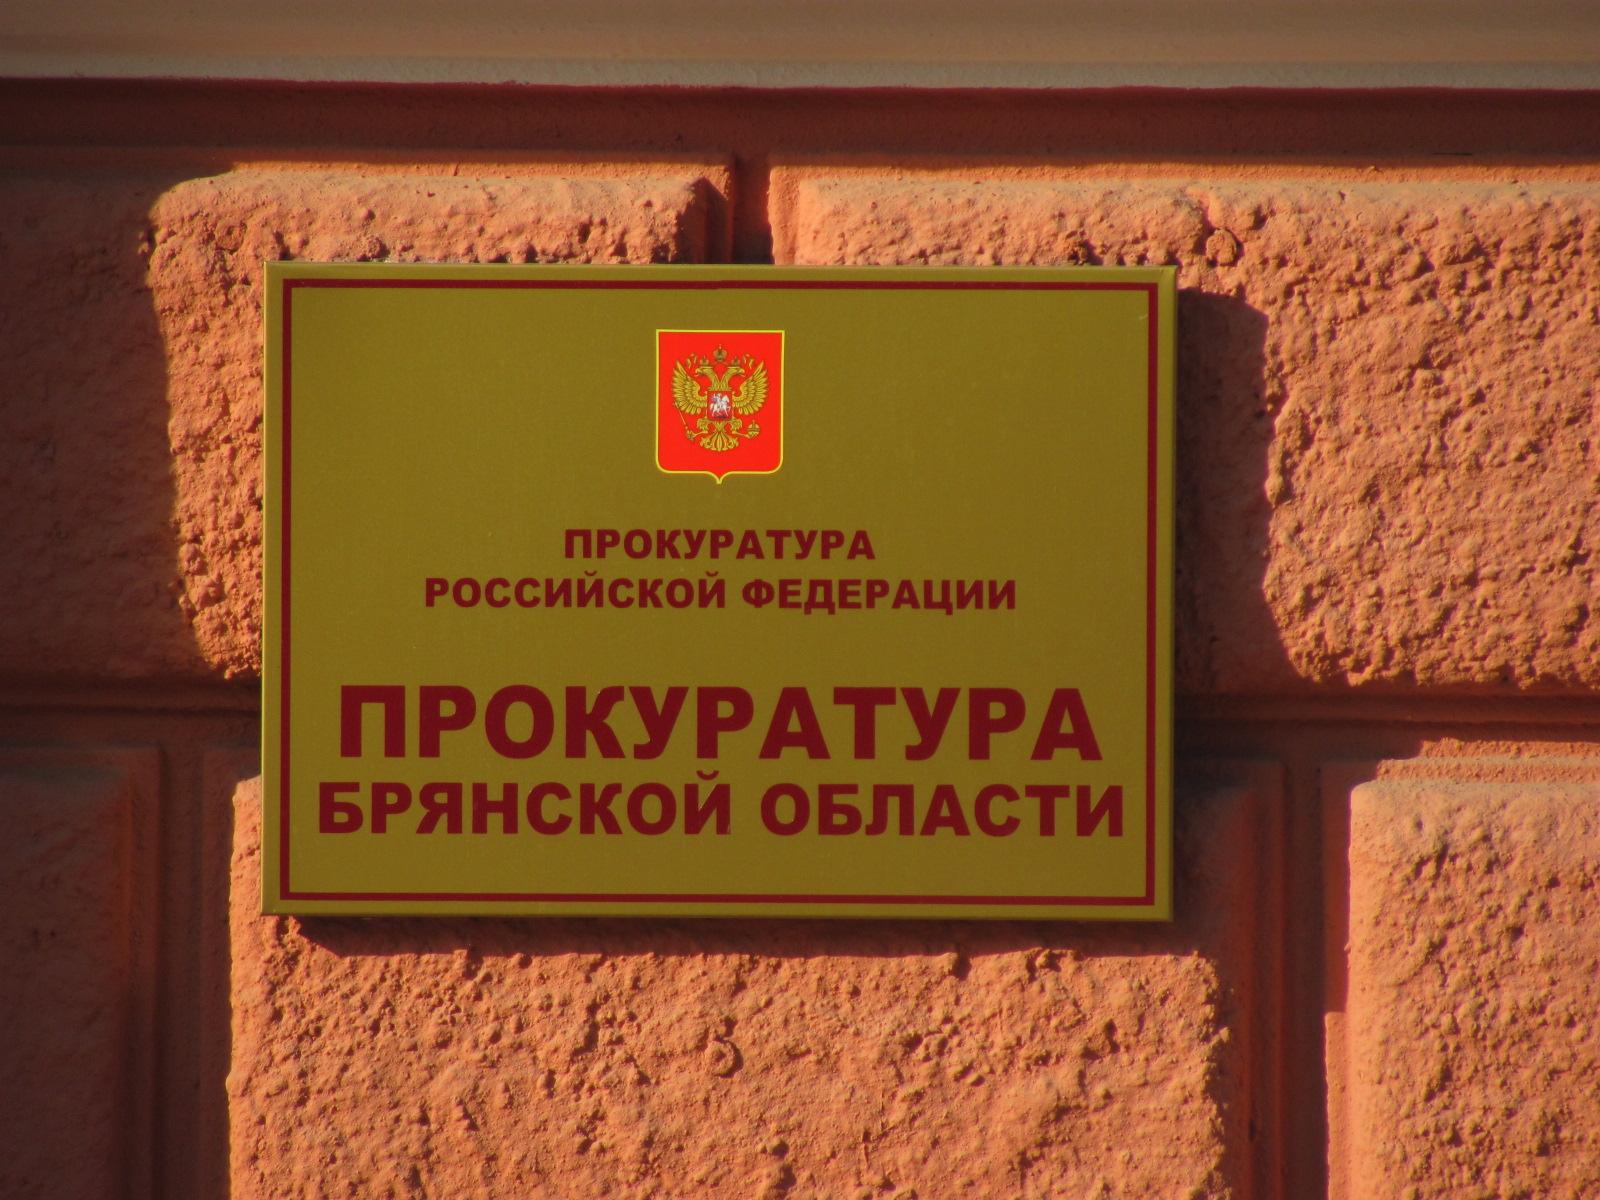 54-летнего жителя Жуковки за избиение брата приговорили к 8 месяцамограничения свободы